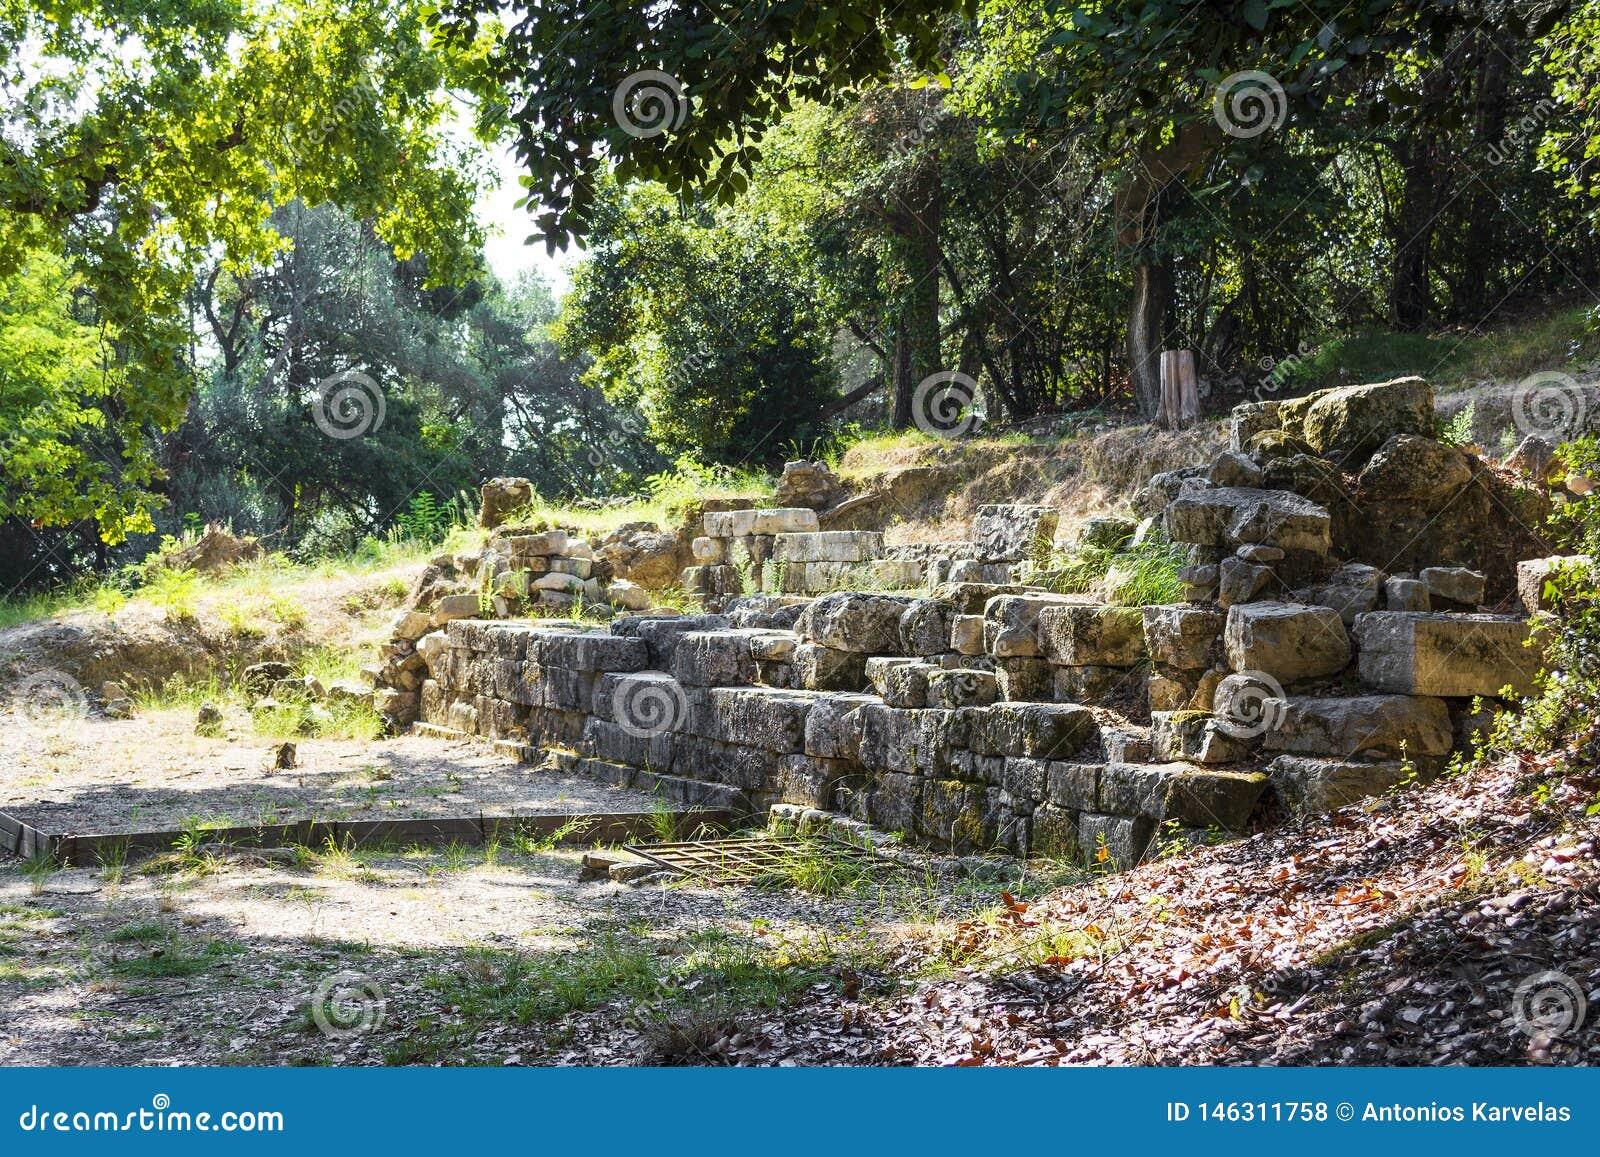 Καταστροφές ενός αρχαίου ναού στο νησί της Κέρκυρας στην Ελλάδα